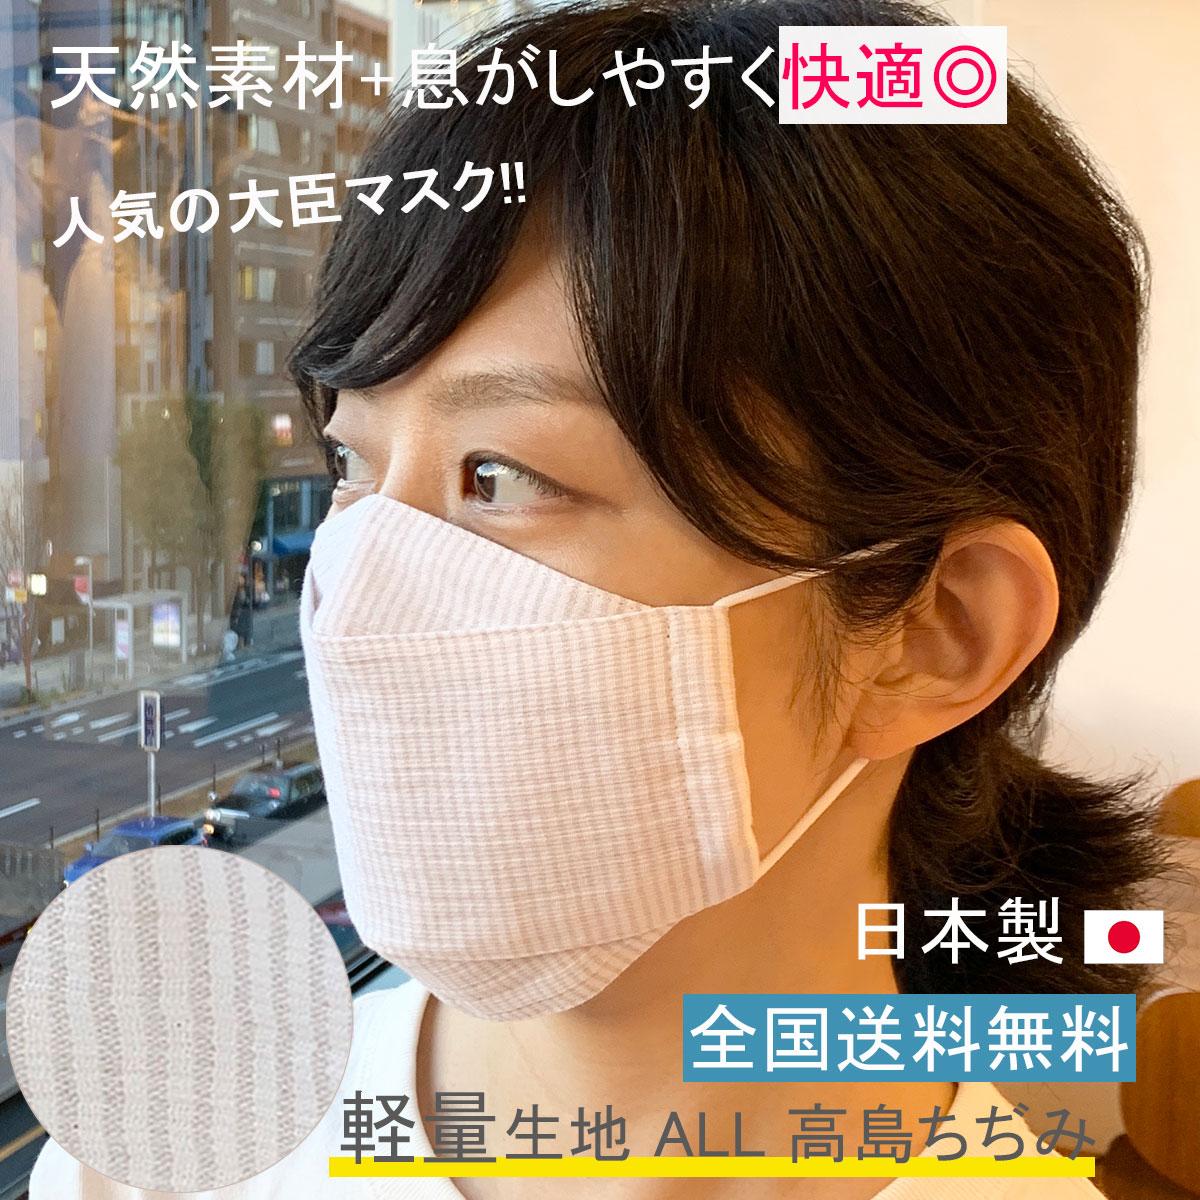 不織布マスクがつらい方にもおすすめです 両面高島ちぢみを使用した布マスクです 天然素材でお肌にも優しく 立体的に仕上げた日本製です 25%OFF 洗って繰り返し使用いただけます 日本製 布マスク 夏用 大臣マスク 大きめ 天然 敏感肌 ギフト 高島ちぢみ ベージュストライプ柄 洗える 軽量 就寝マスク 立体型 値引き コットン あす楽 Y417 送料無料